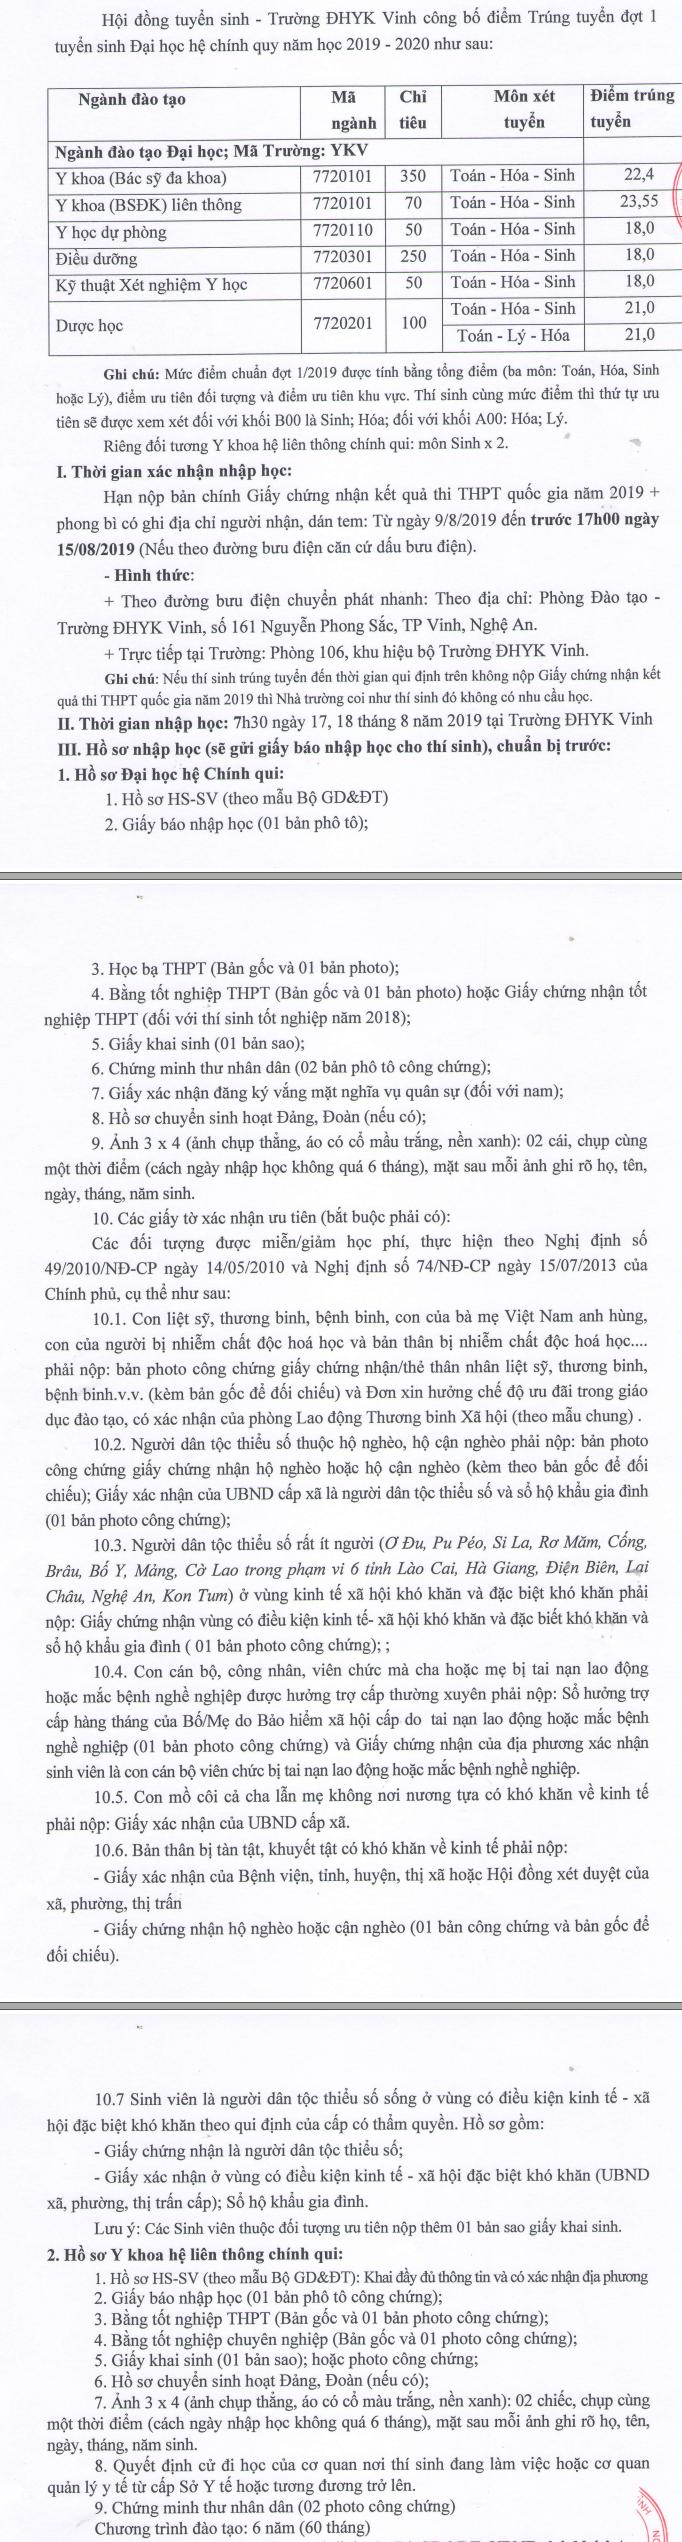 Diem chuan truong Dai hoc Y Khoa Vinh 2019